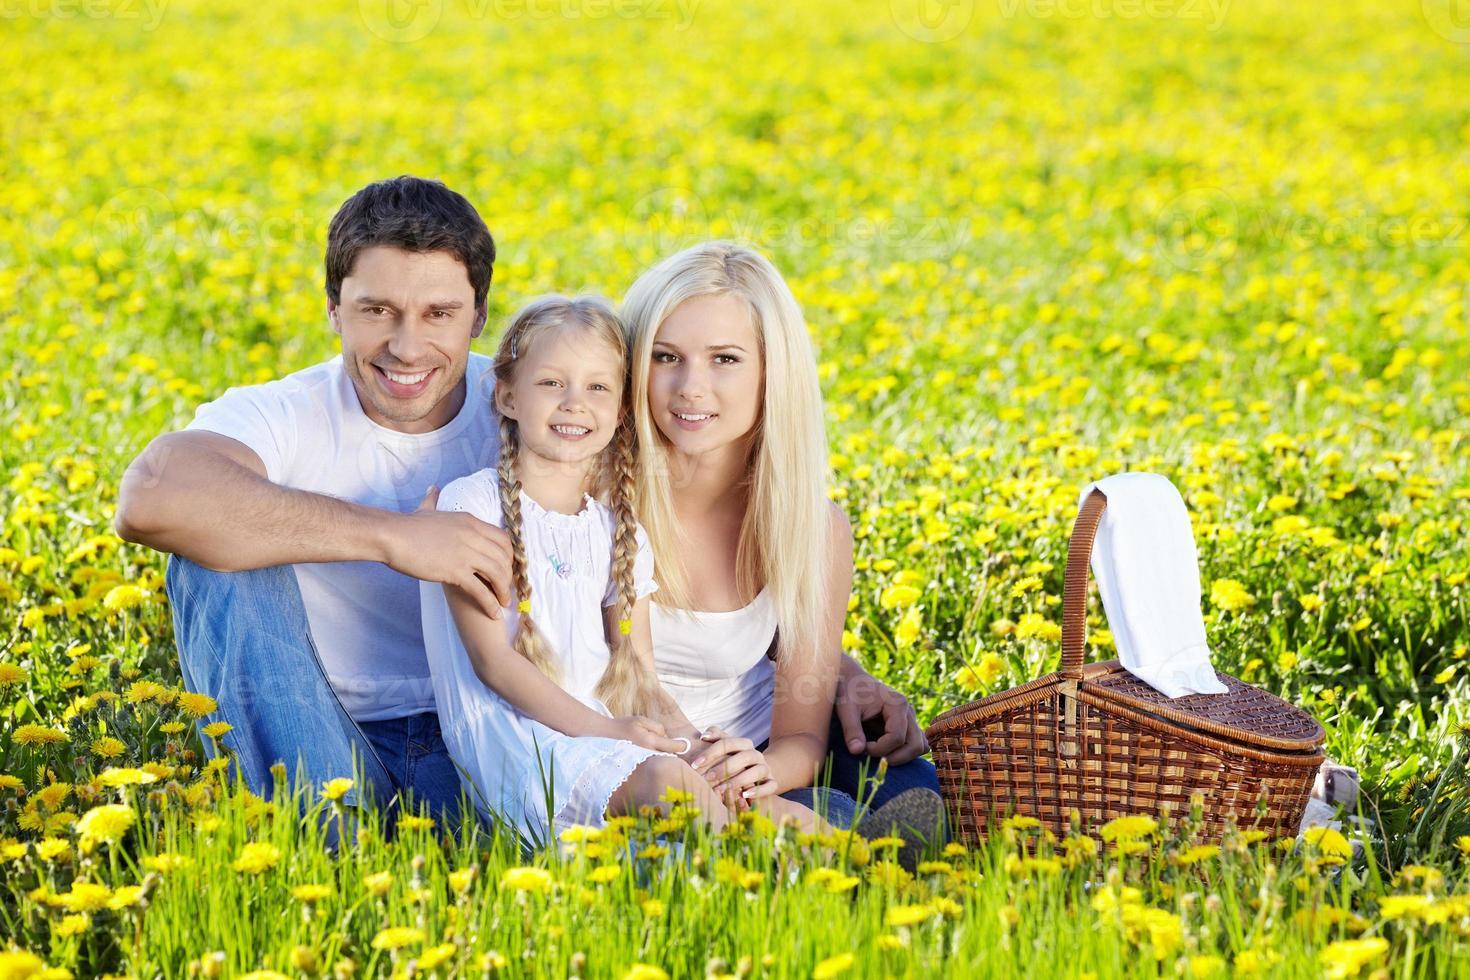 picnic in famiglia foto